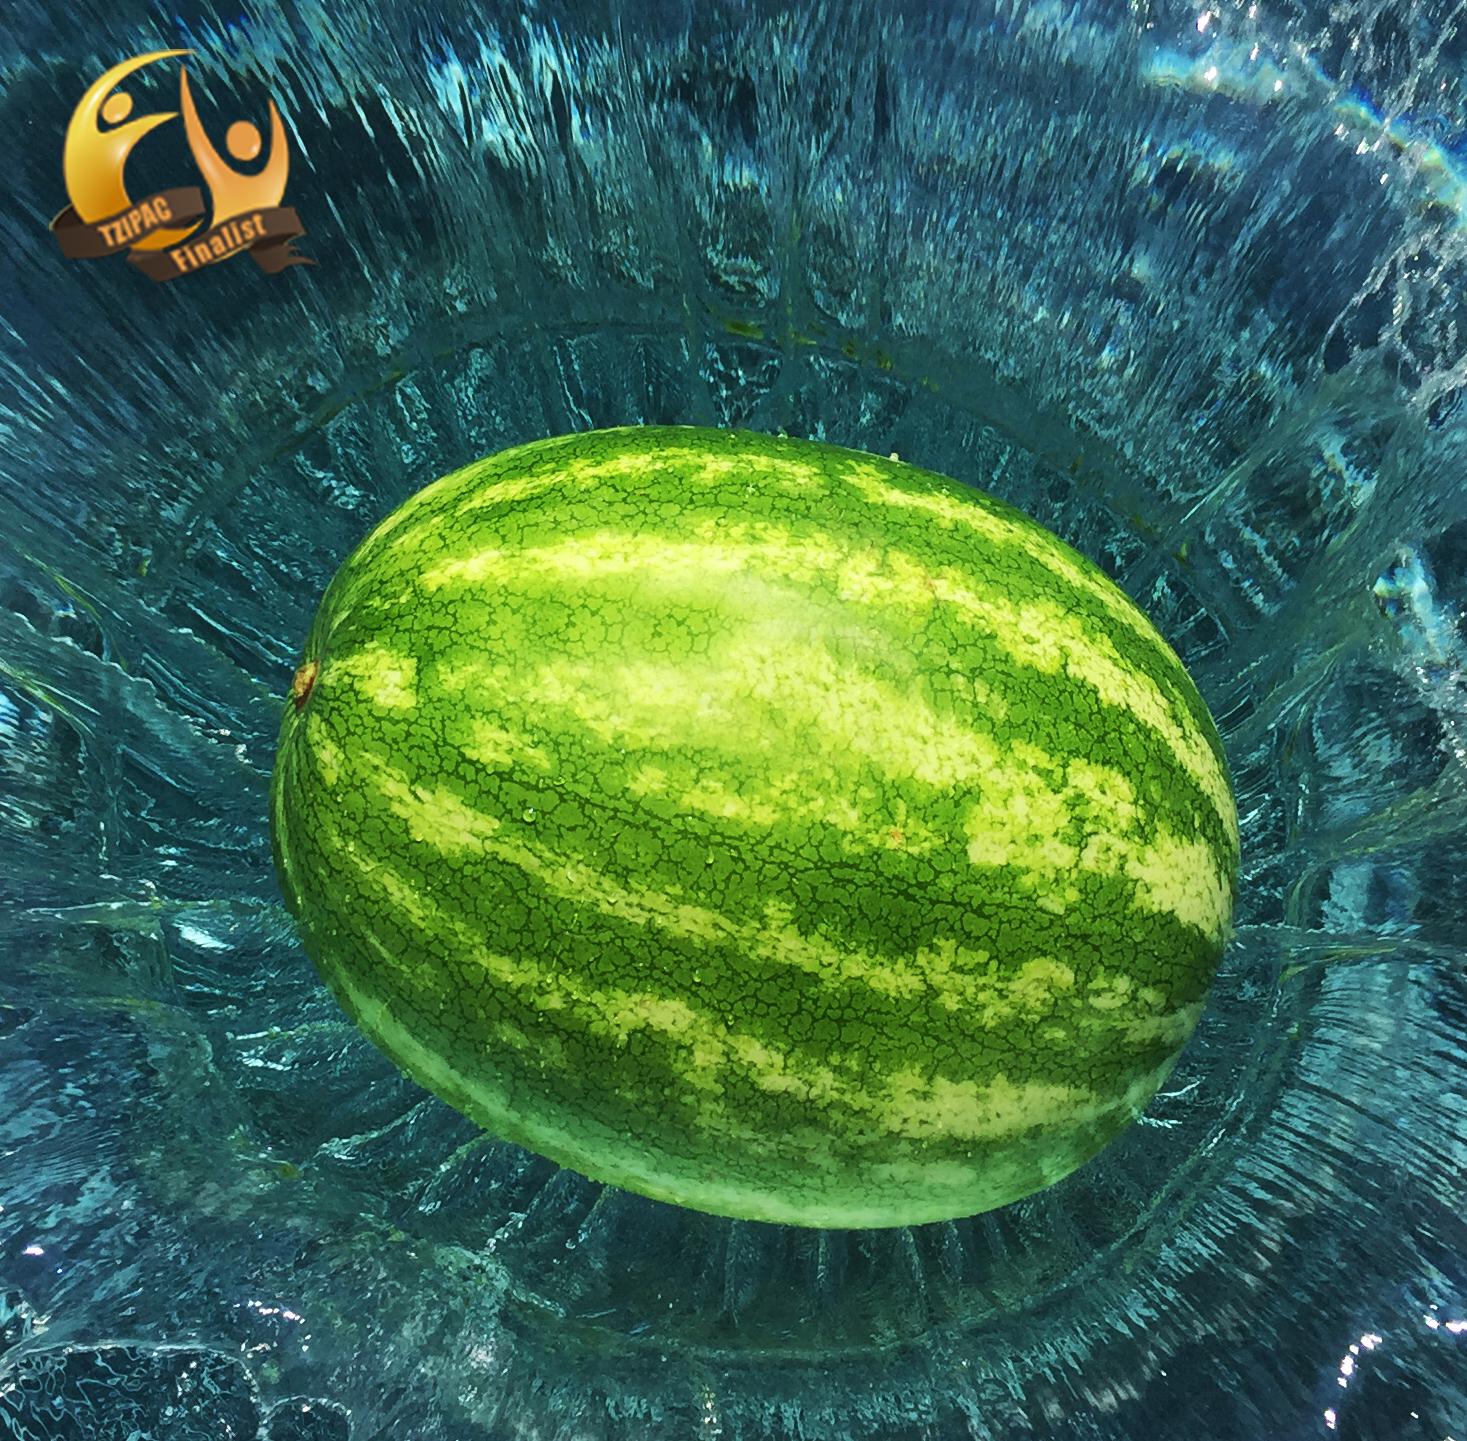 Melon (TZIPAC Award Winner)